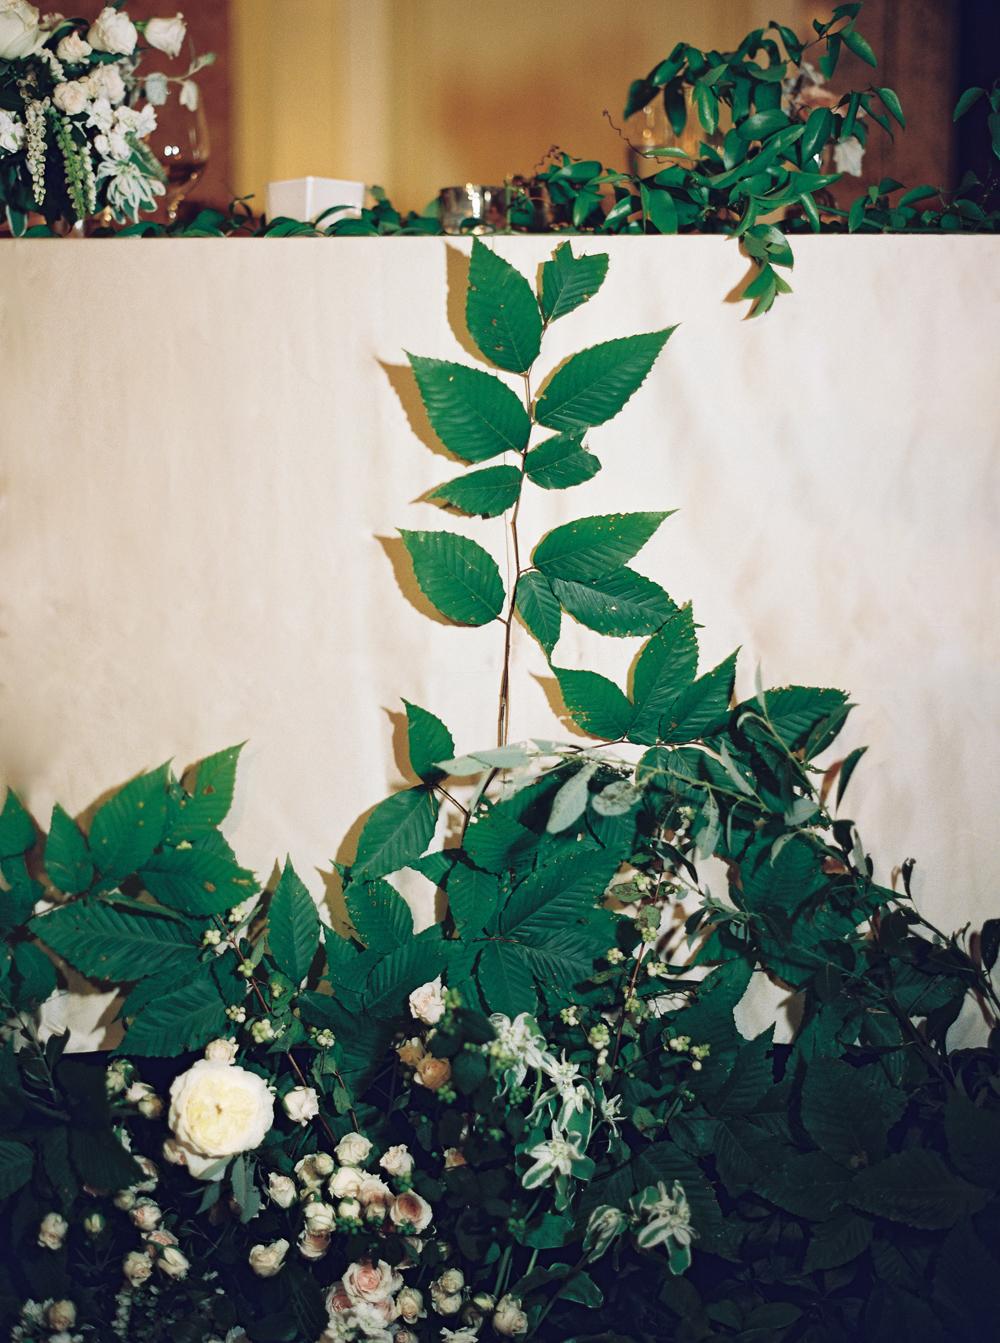 0054-When-He-Found-Her-Muskoka-JW Marriott-The Rosseau-shea-events-sweet-woodruff-canadian-resort-wedding.jpg